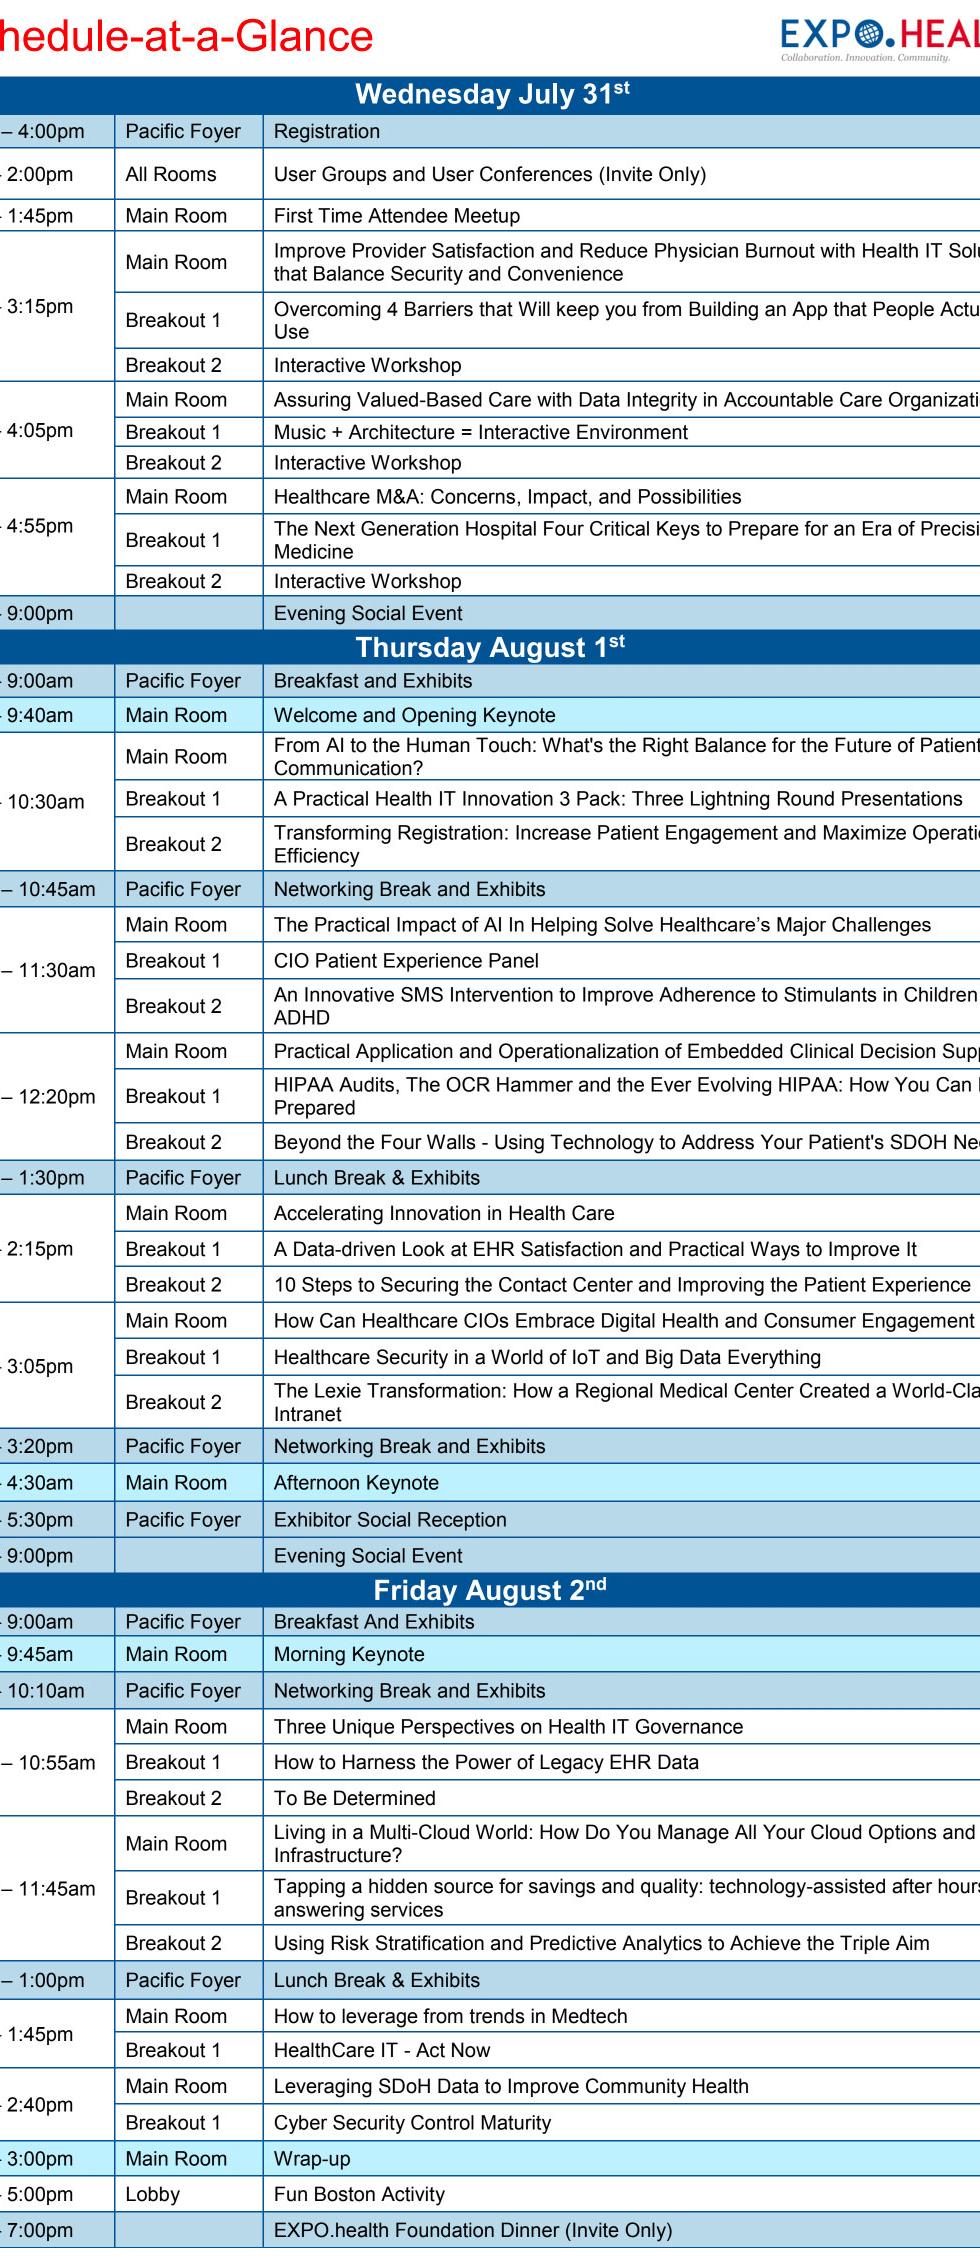 EXPO.health Program Schedule